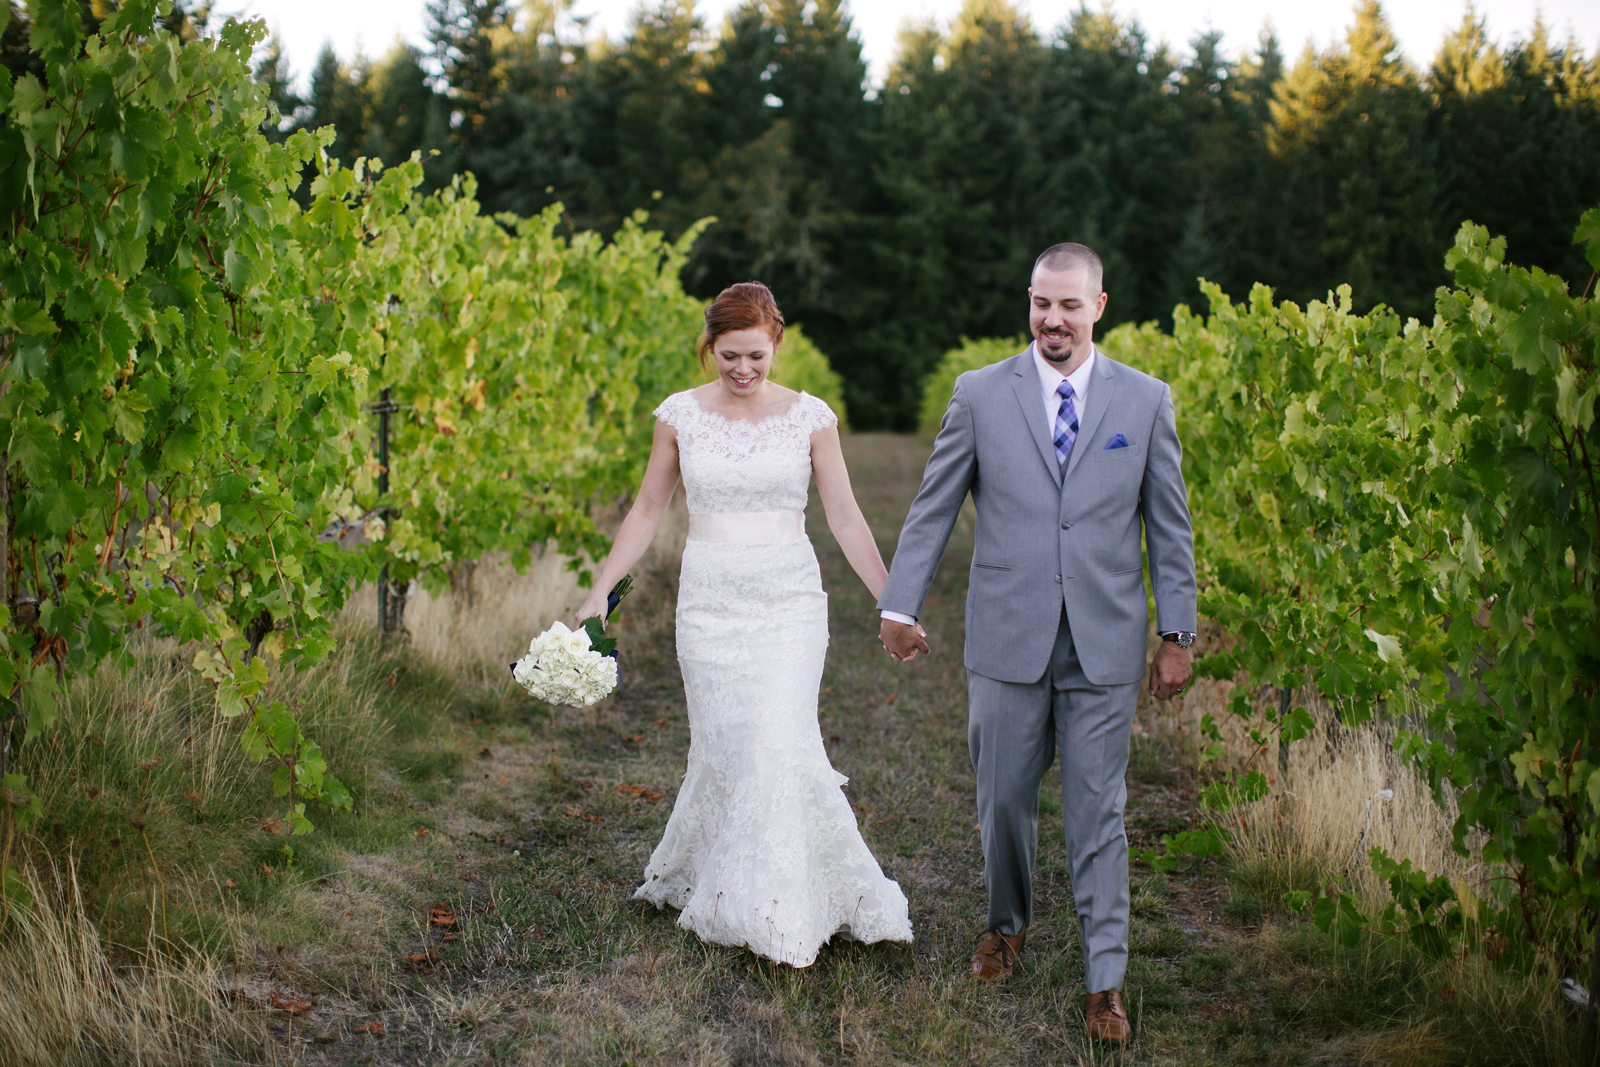 054-daronjackson-rich-wedding.jpg